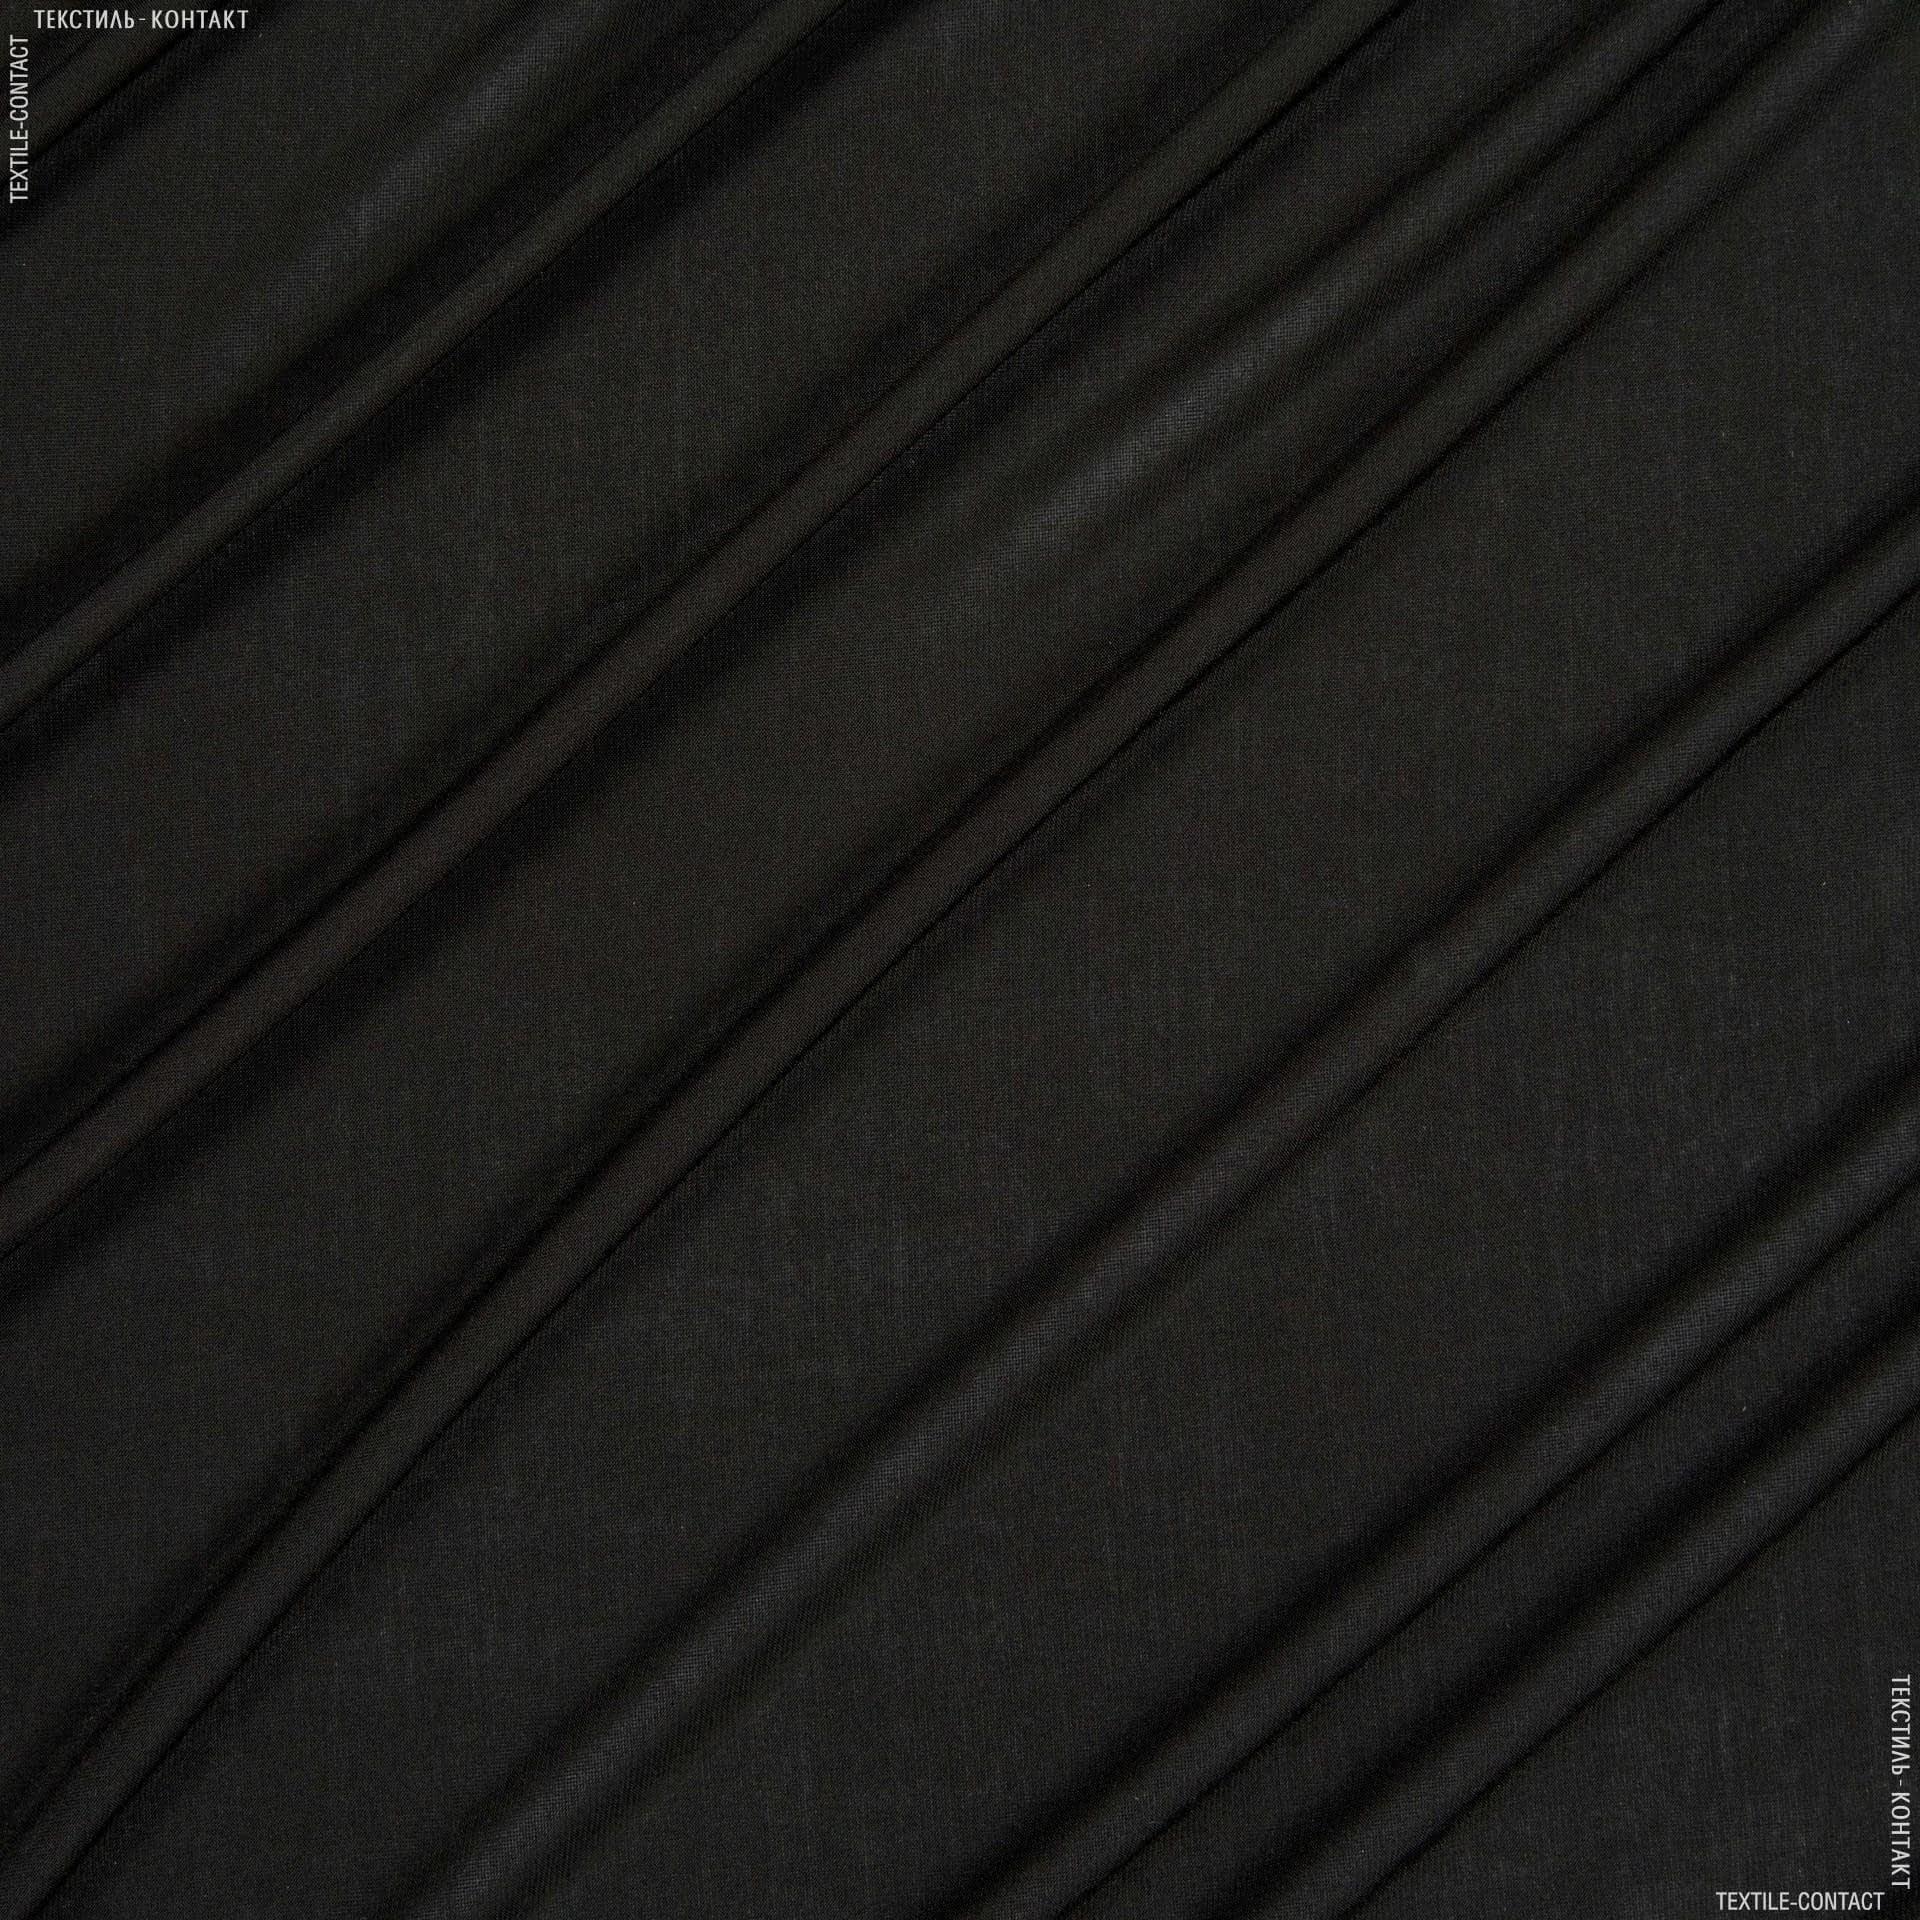 Ткани для платьев - Трикотаж масло черный